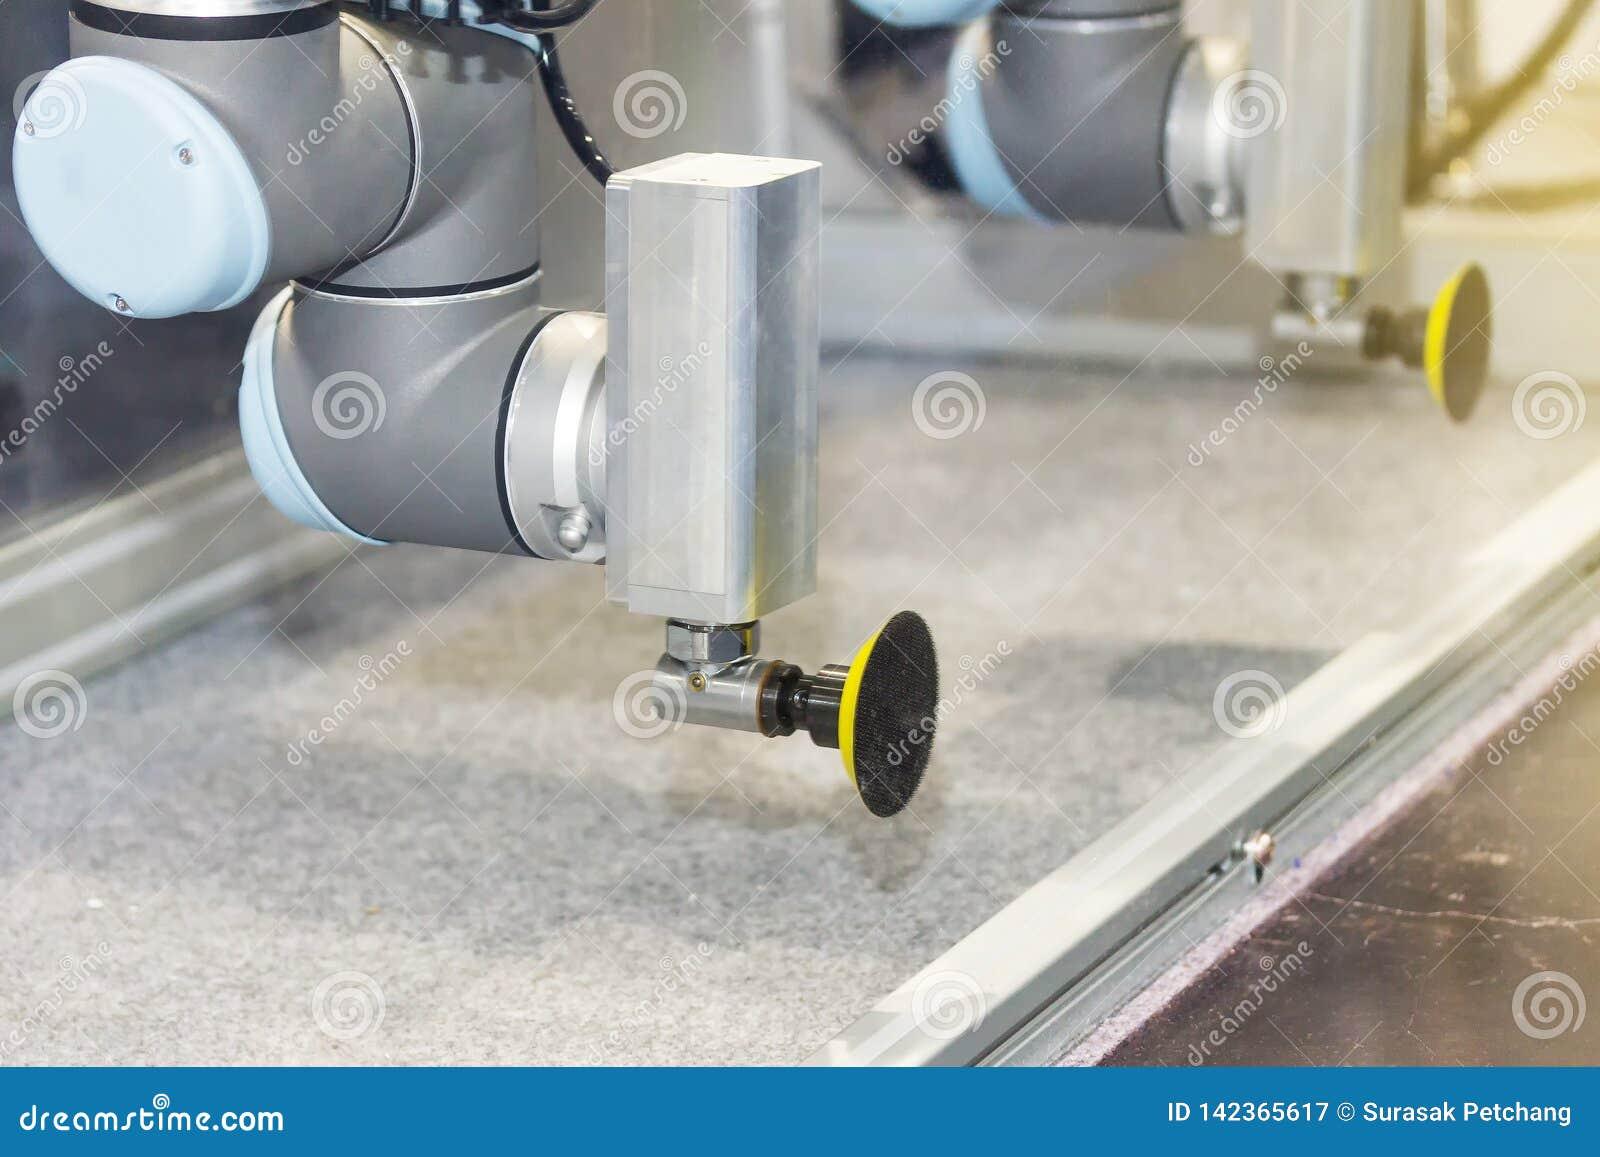 Πιάσιμο ρομπότ υψηλής τεχνολογίας και ακρίβειας με το αυτόματο κενό για το πιάτο γυαλιού σύλληψης ή το προϊόν στη διαδικασία παρα